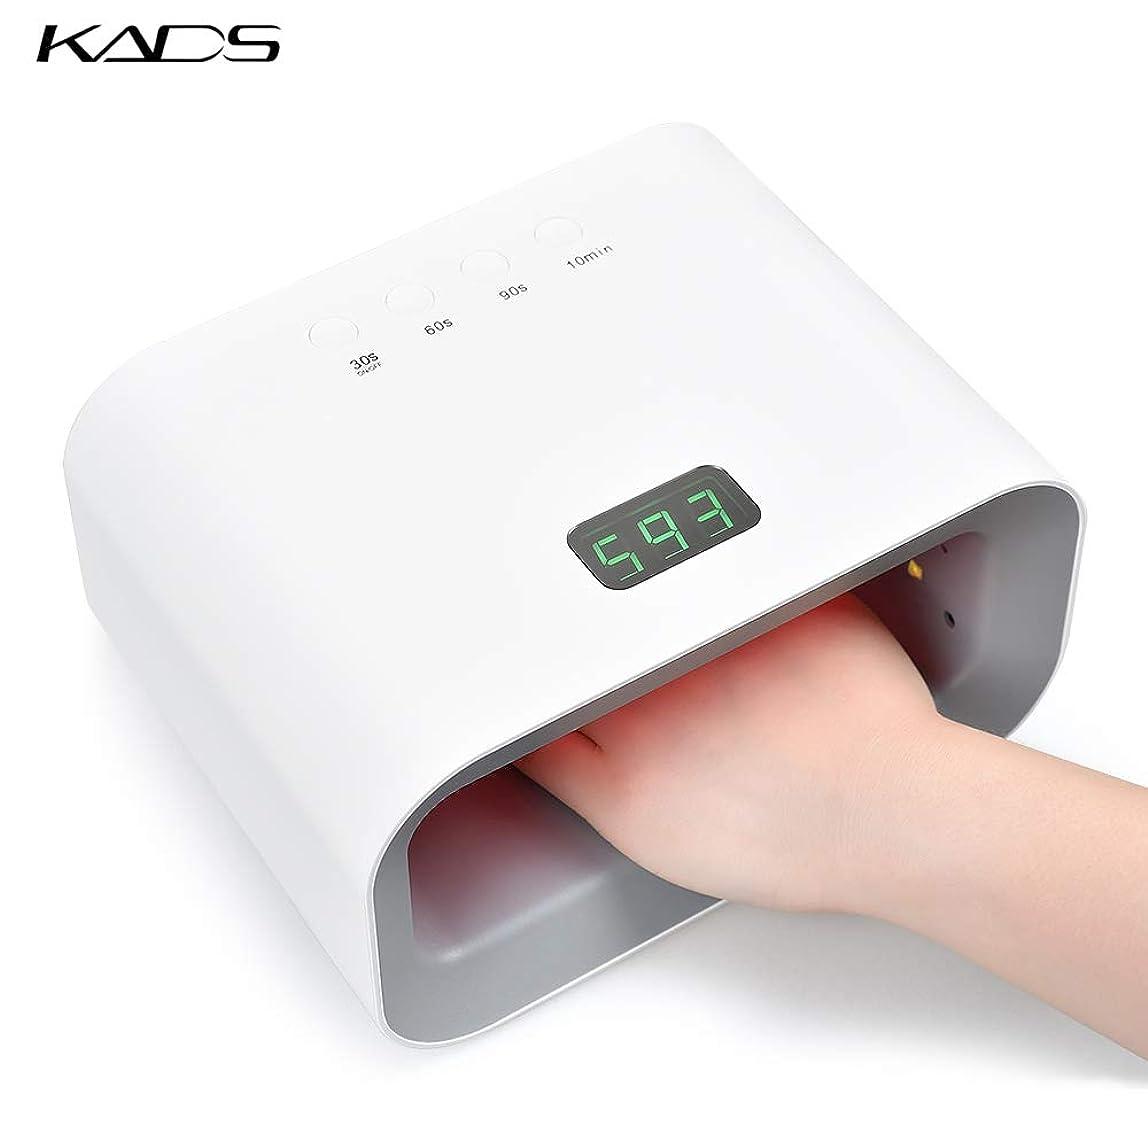 裸ウィザード物思いにふけるKADS LEDネイルドライヤー UV/LEDライト 90W 美白機能付き 3段階タイマー設定 高速硬化 硬化用ライト ランプ ジェルネイル用 赤外線検知